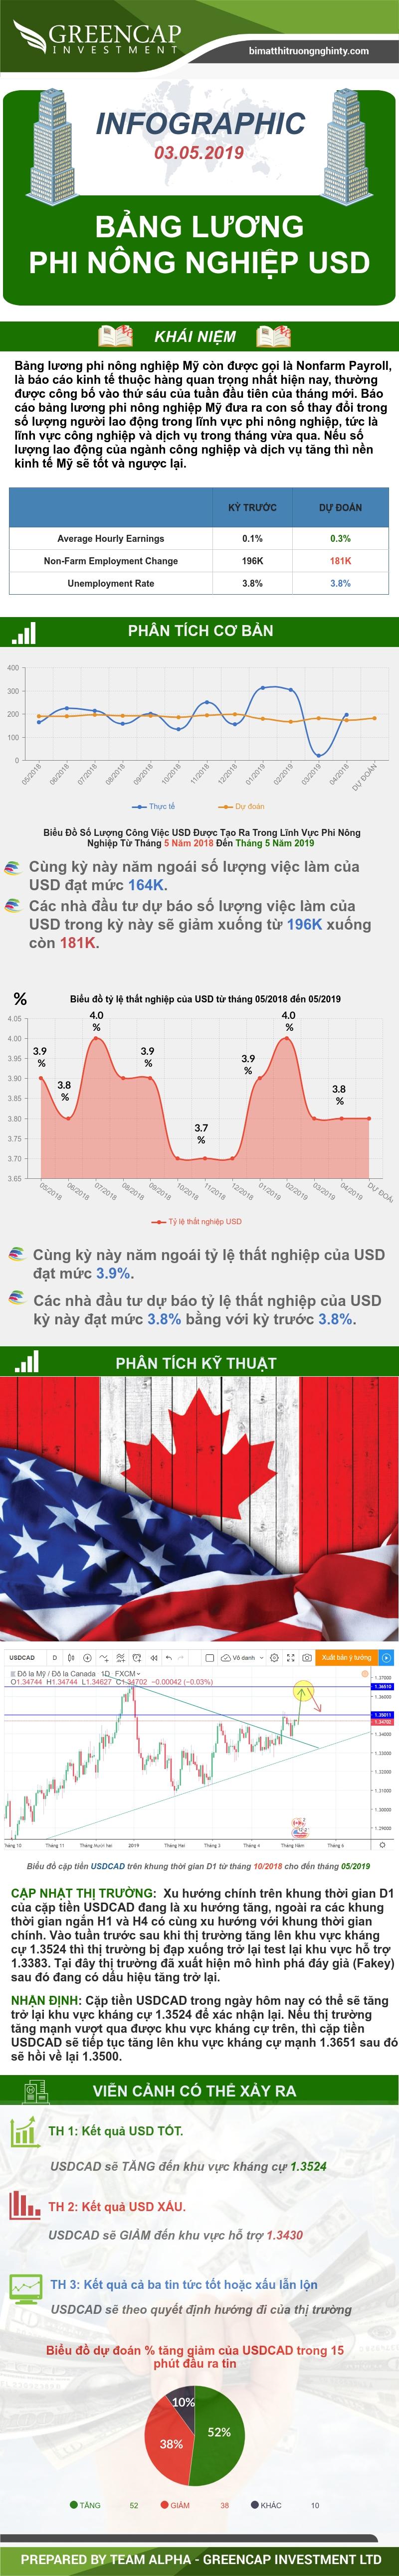 Bảng lương phi nông nghiệp USD 03/05/2019